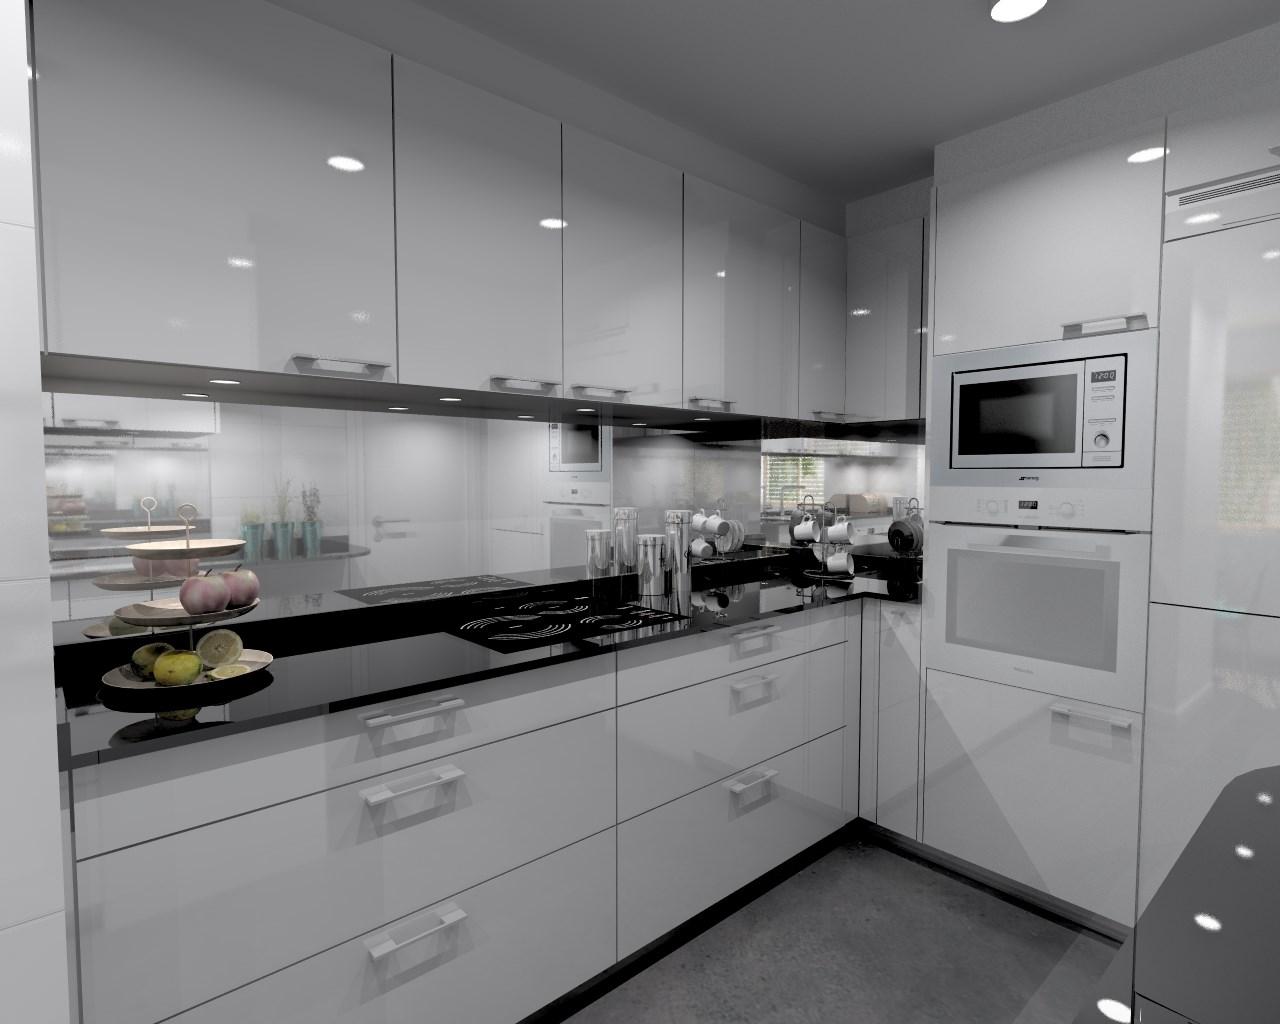 Aravaca cocina santos modelo plano laminado blanco - Docrys cocinas ...